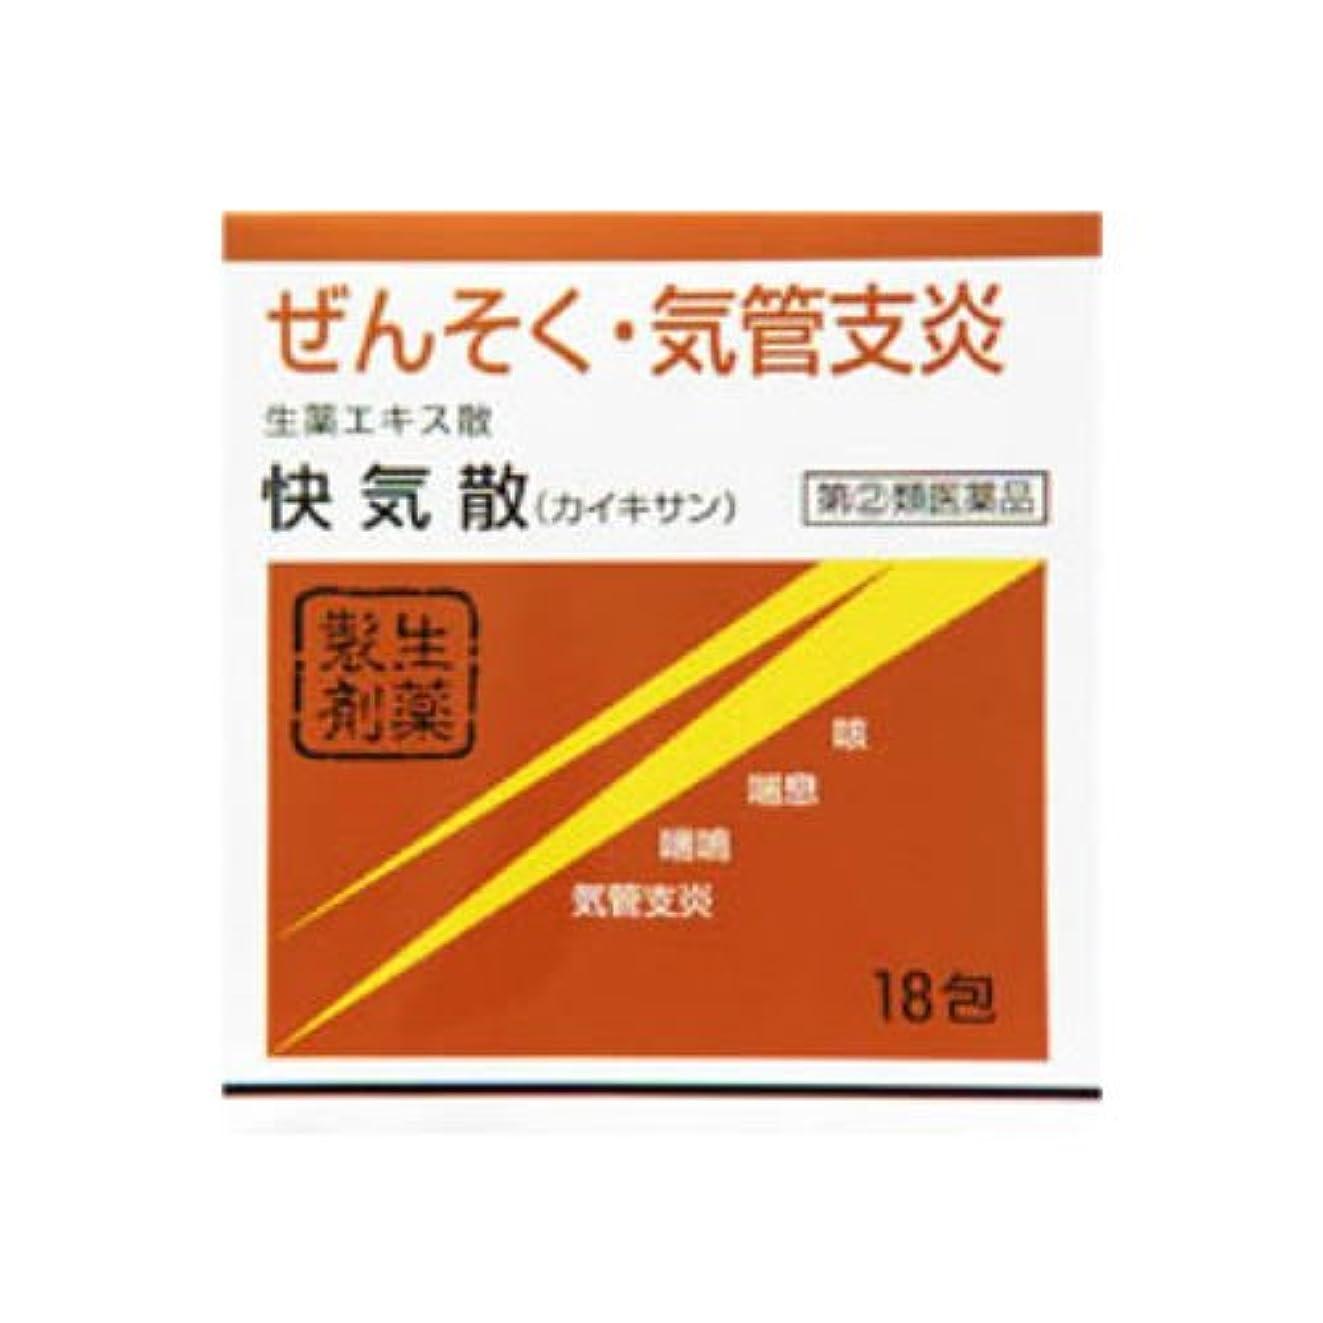 レーニン主義鉄イライラする【指定第2類医薬品】快気散 18包